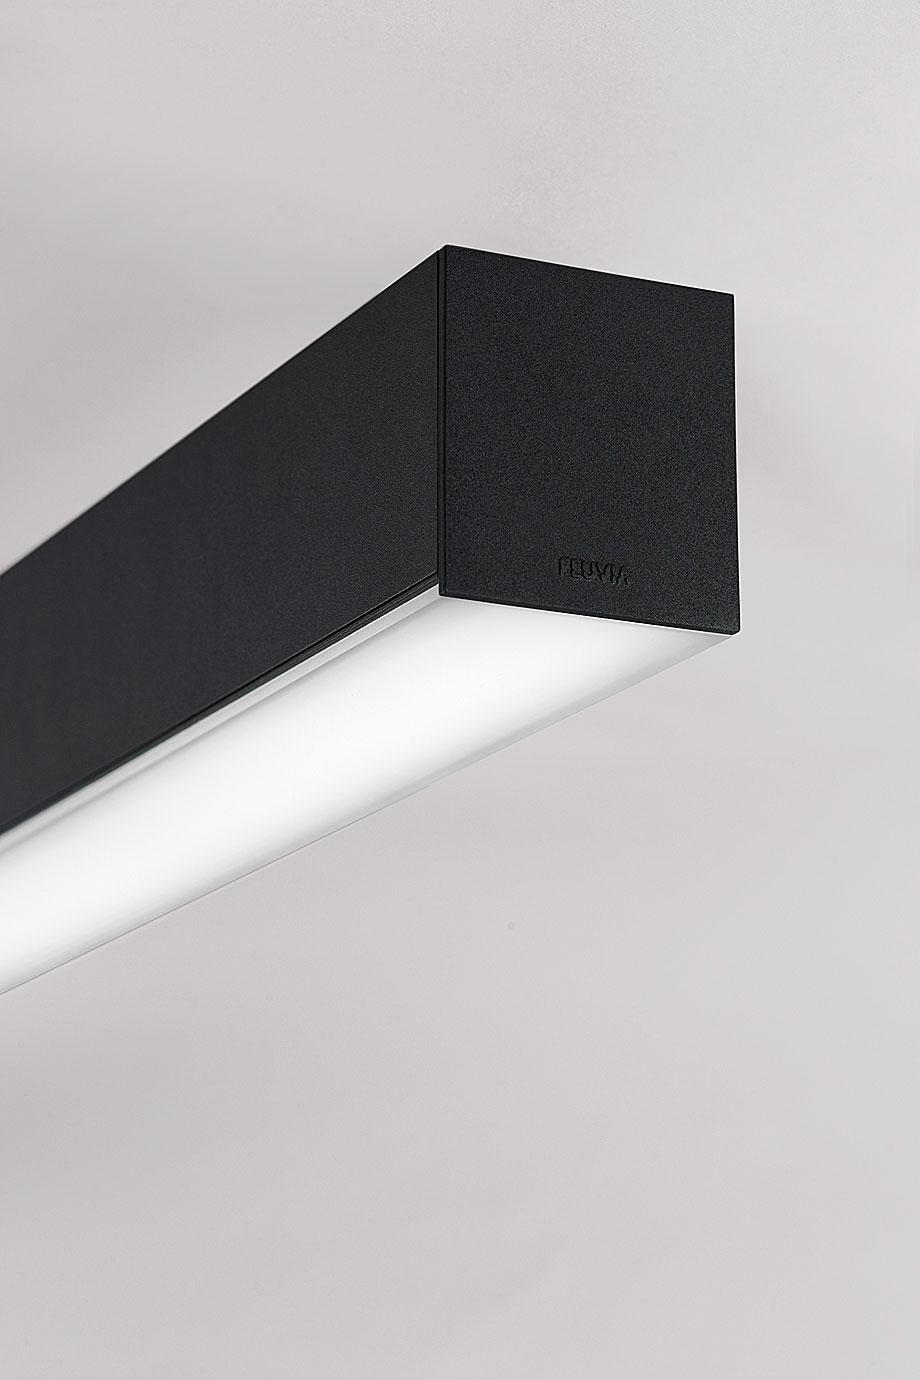 lane-fluvia-design-fluvia (1)